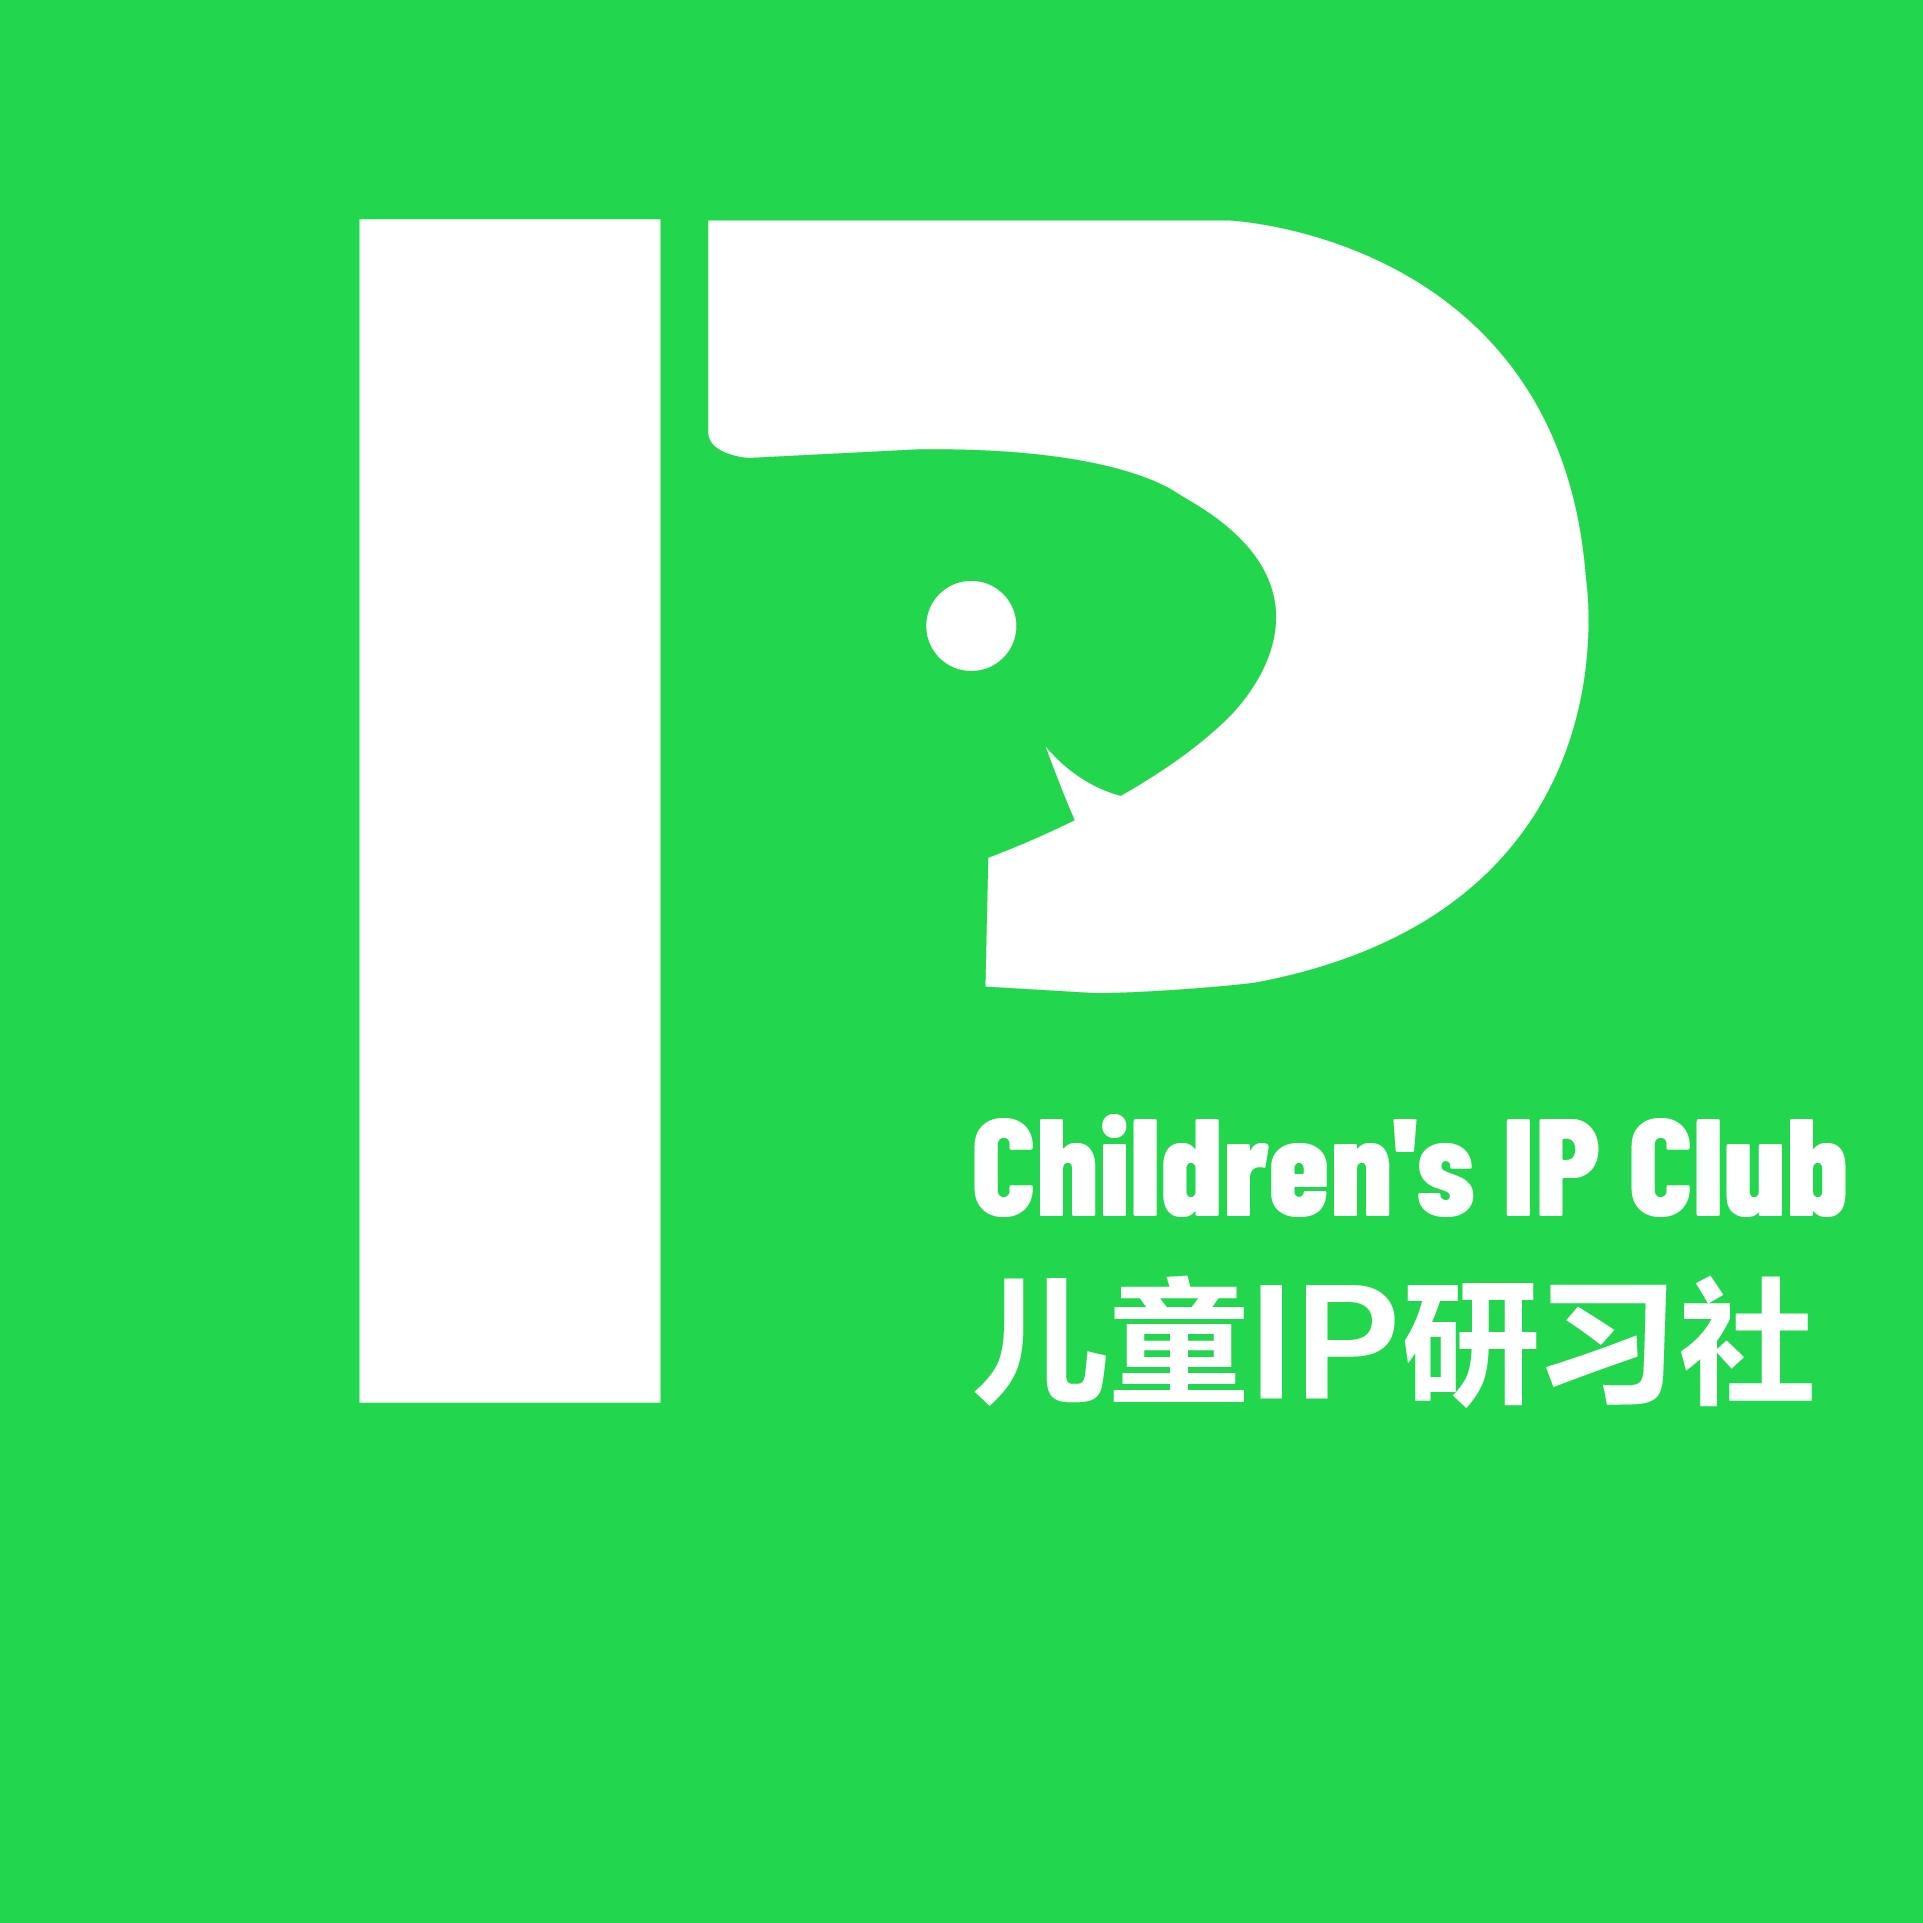 儿童IP研习社